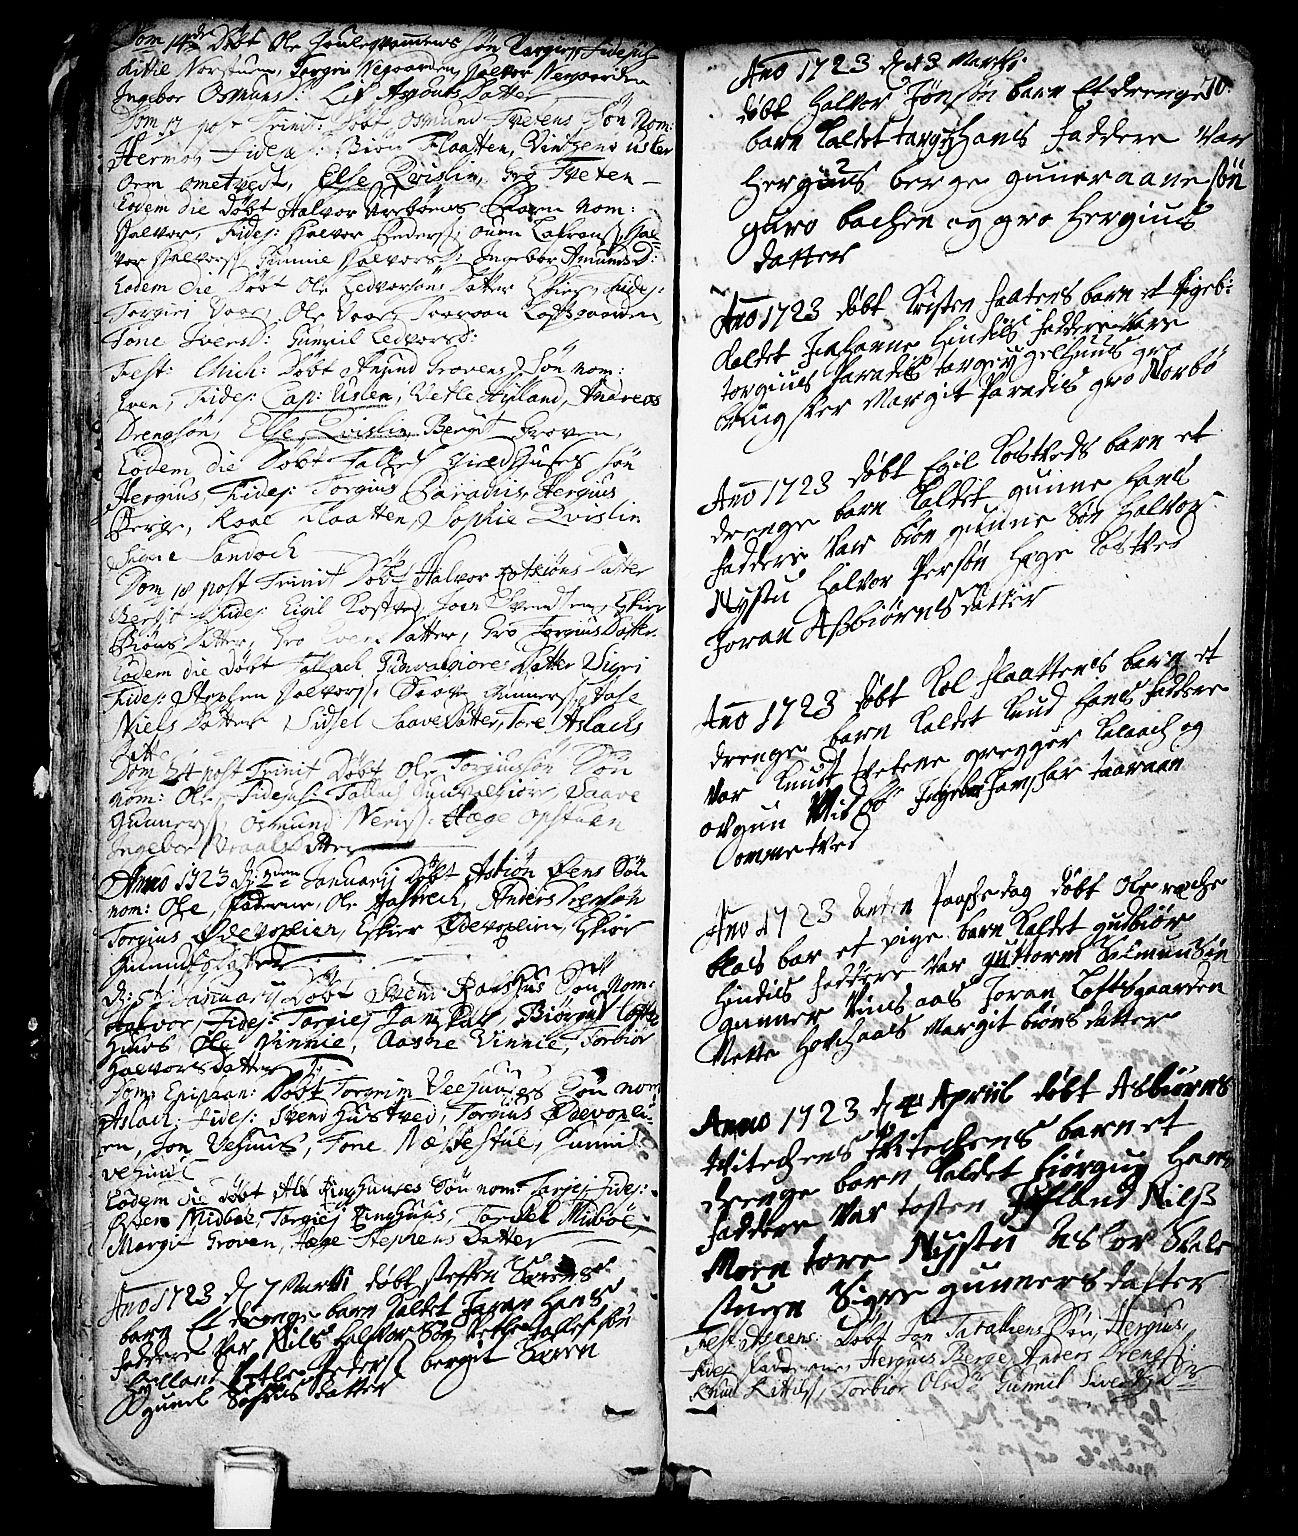 SAKO, Vinje kirkebøker, F/Fa/L0001: Ministerialbok nr. I 1, 1717-1766, s. 70